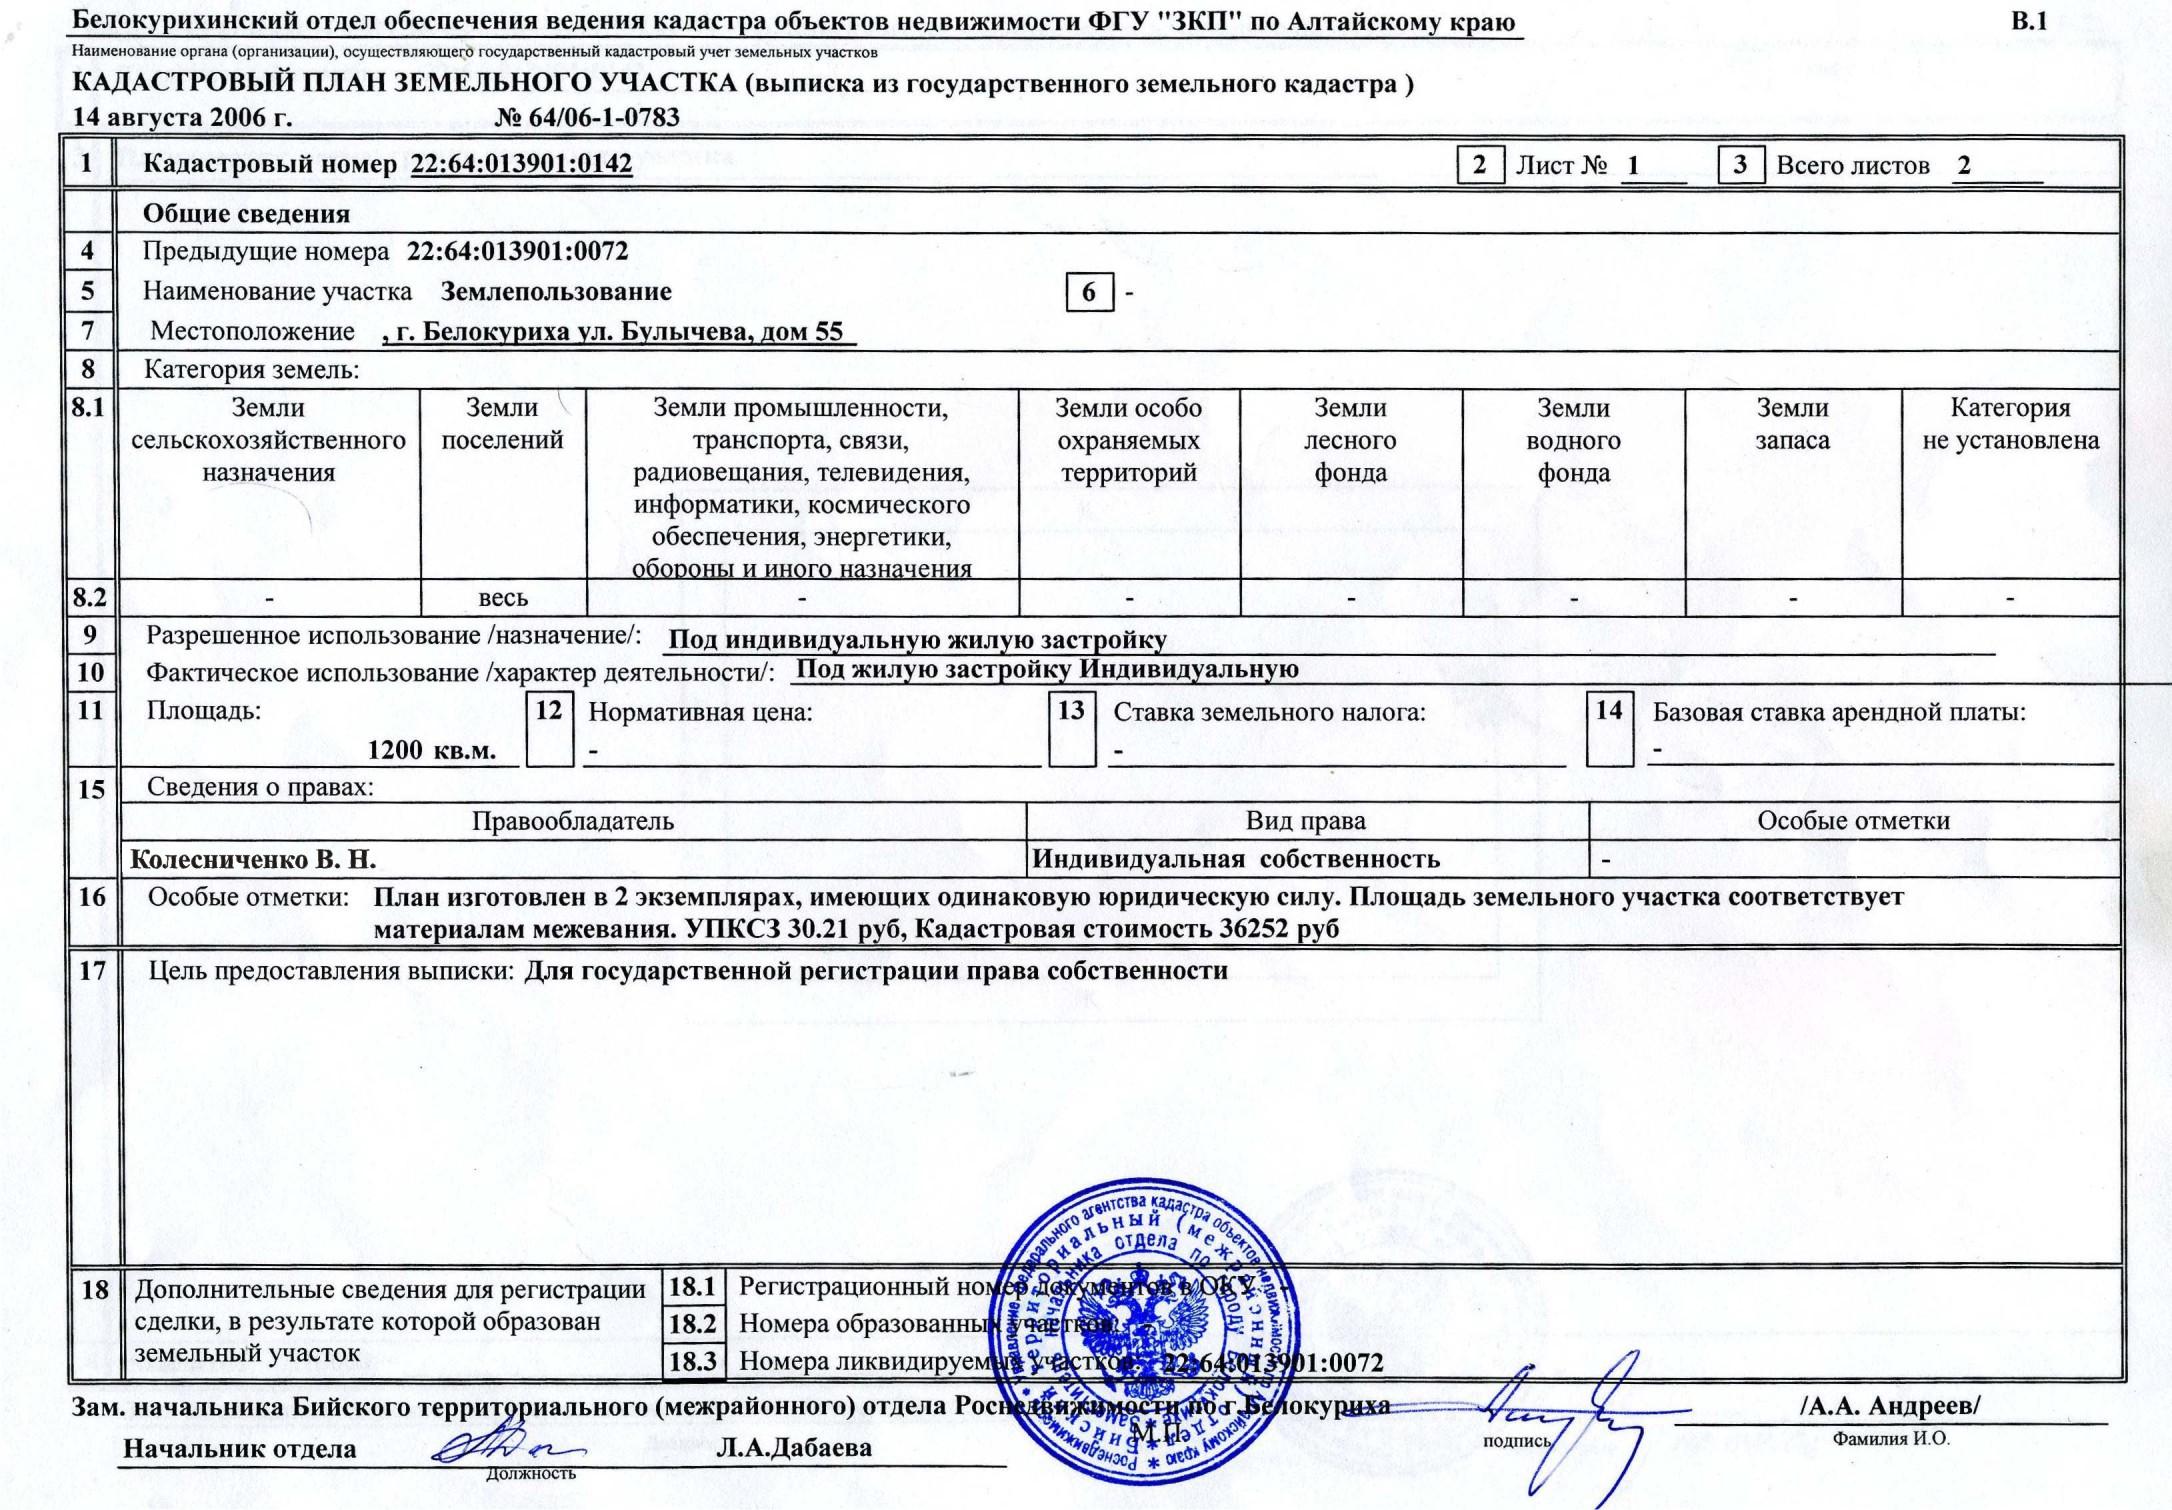 Как выглядит информация о собственнике в выписке из ЕГРН.